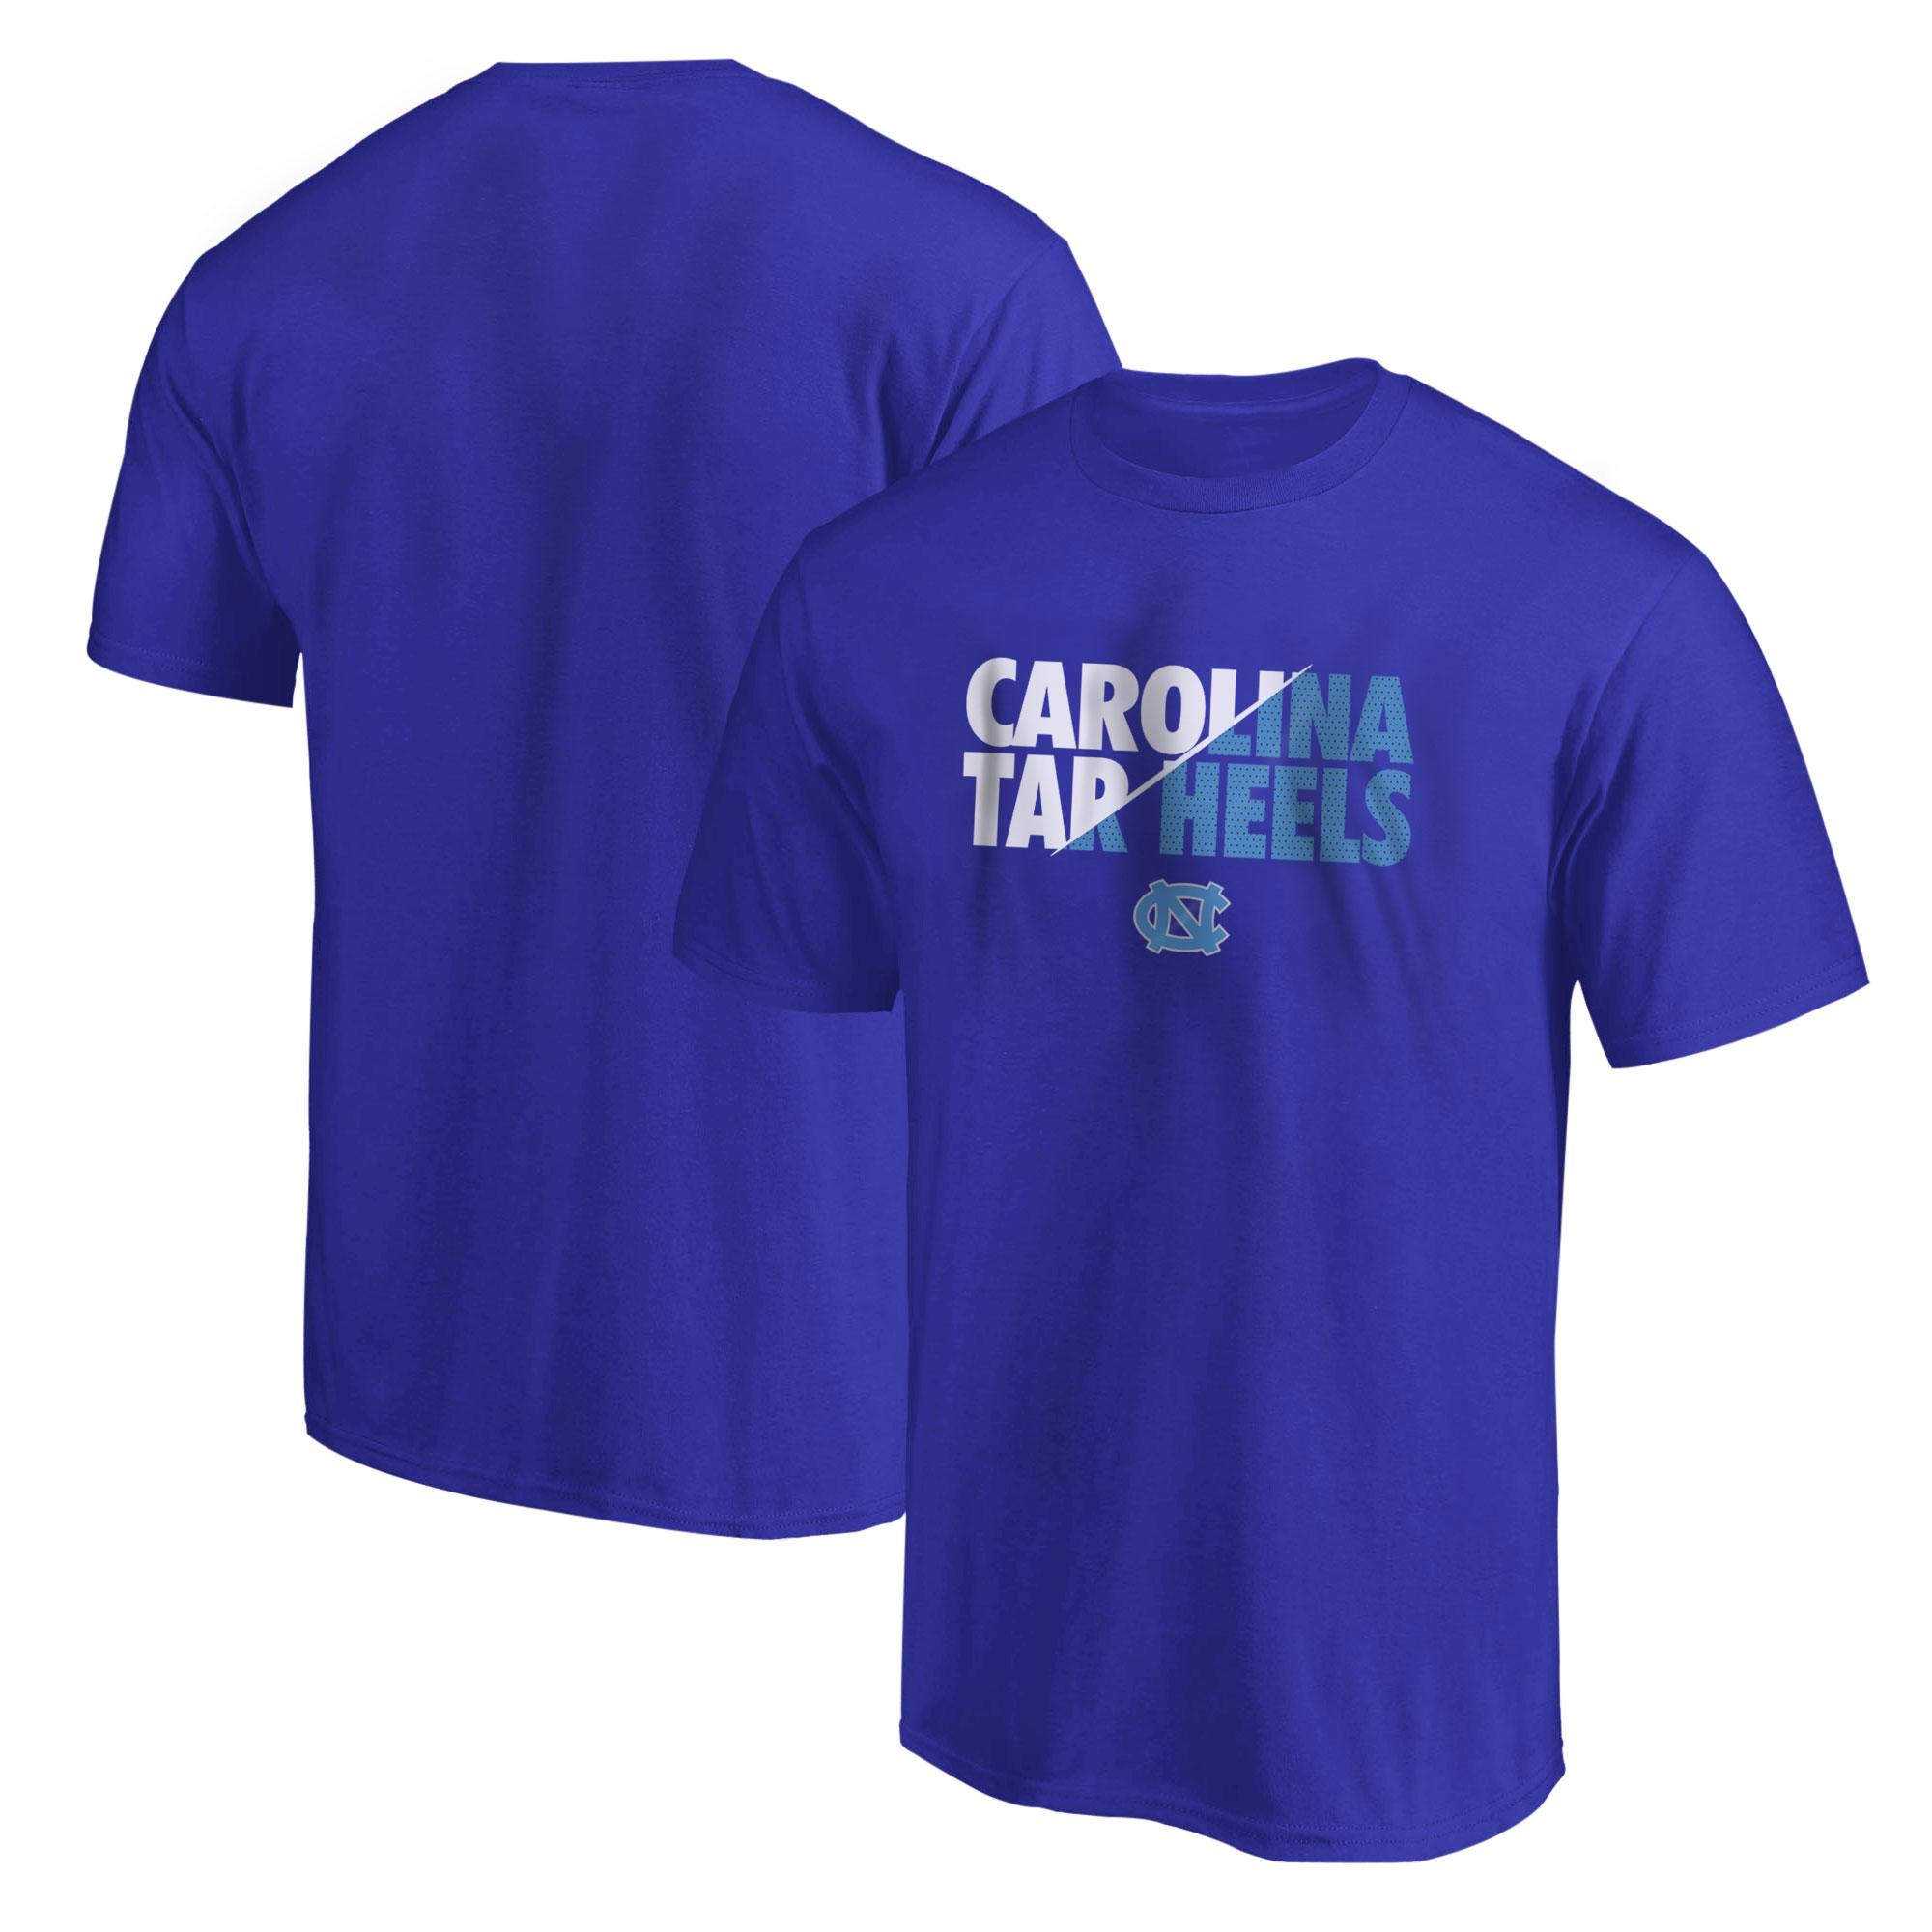 Carolina Tar Heels Tshirt (TSH-BLU-486-NCAA-CAROLINA-HEELS)